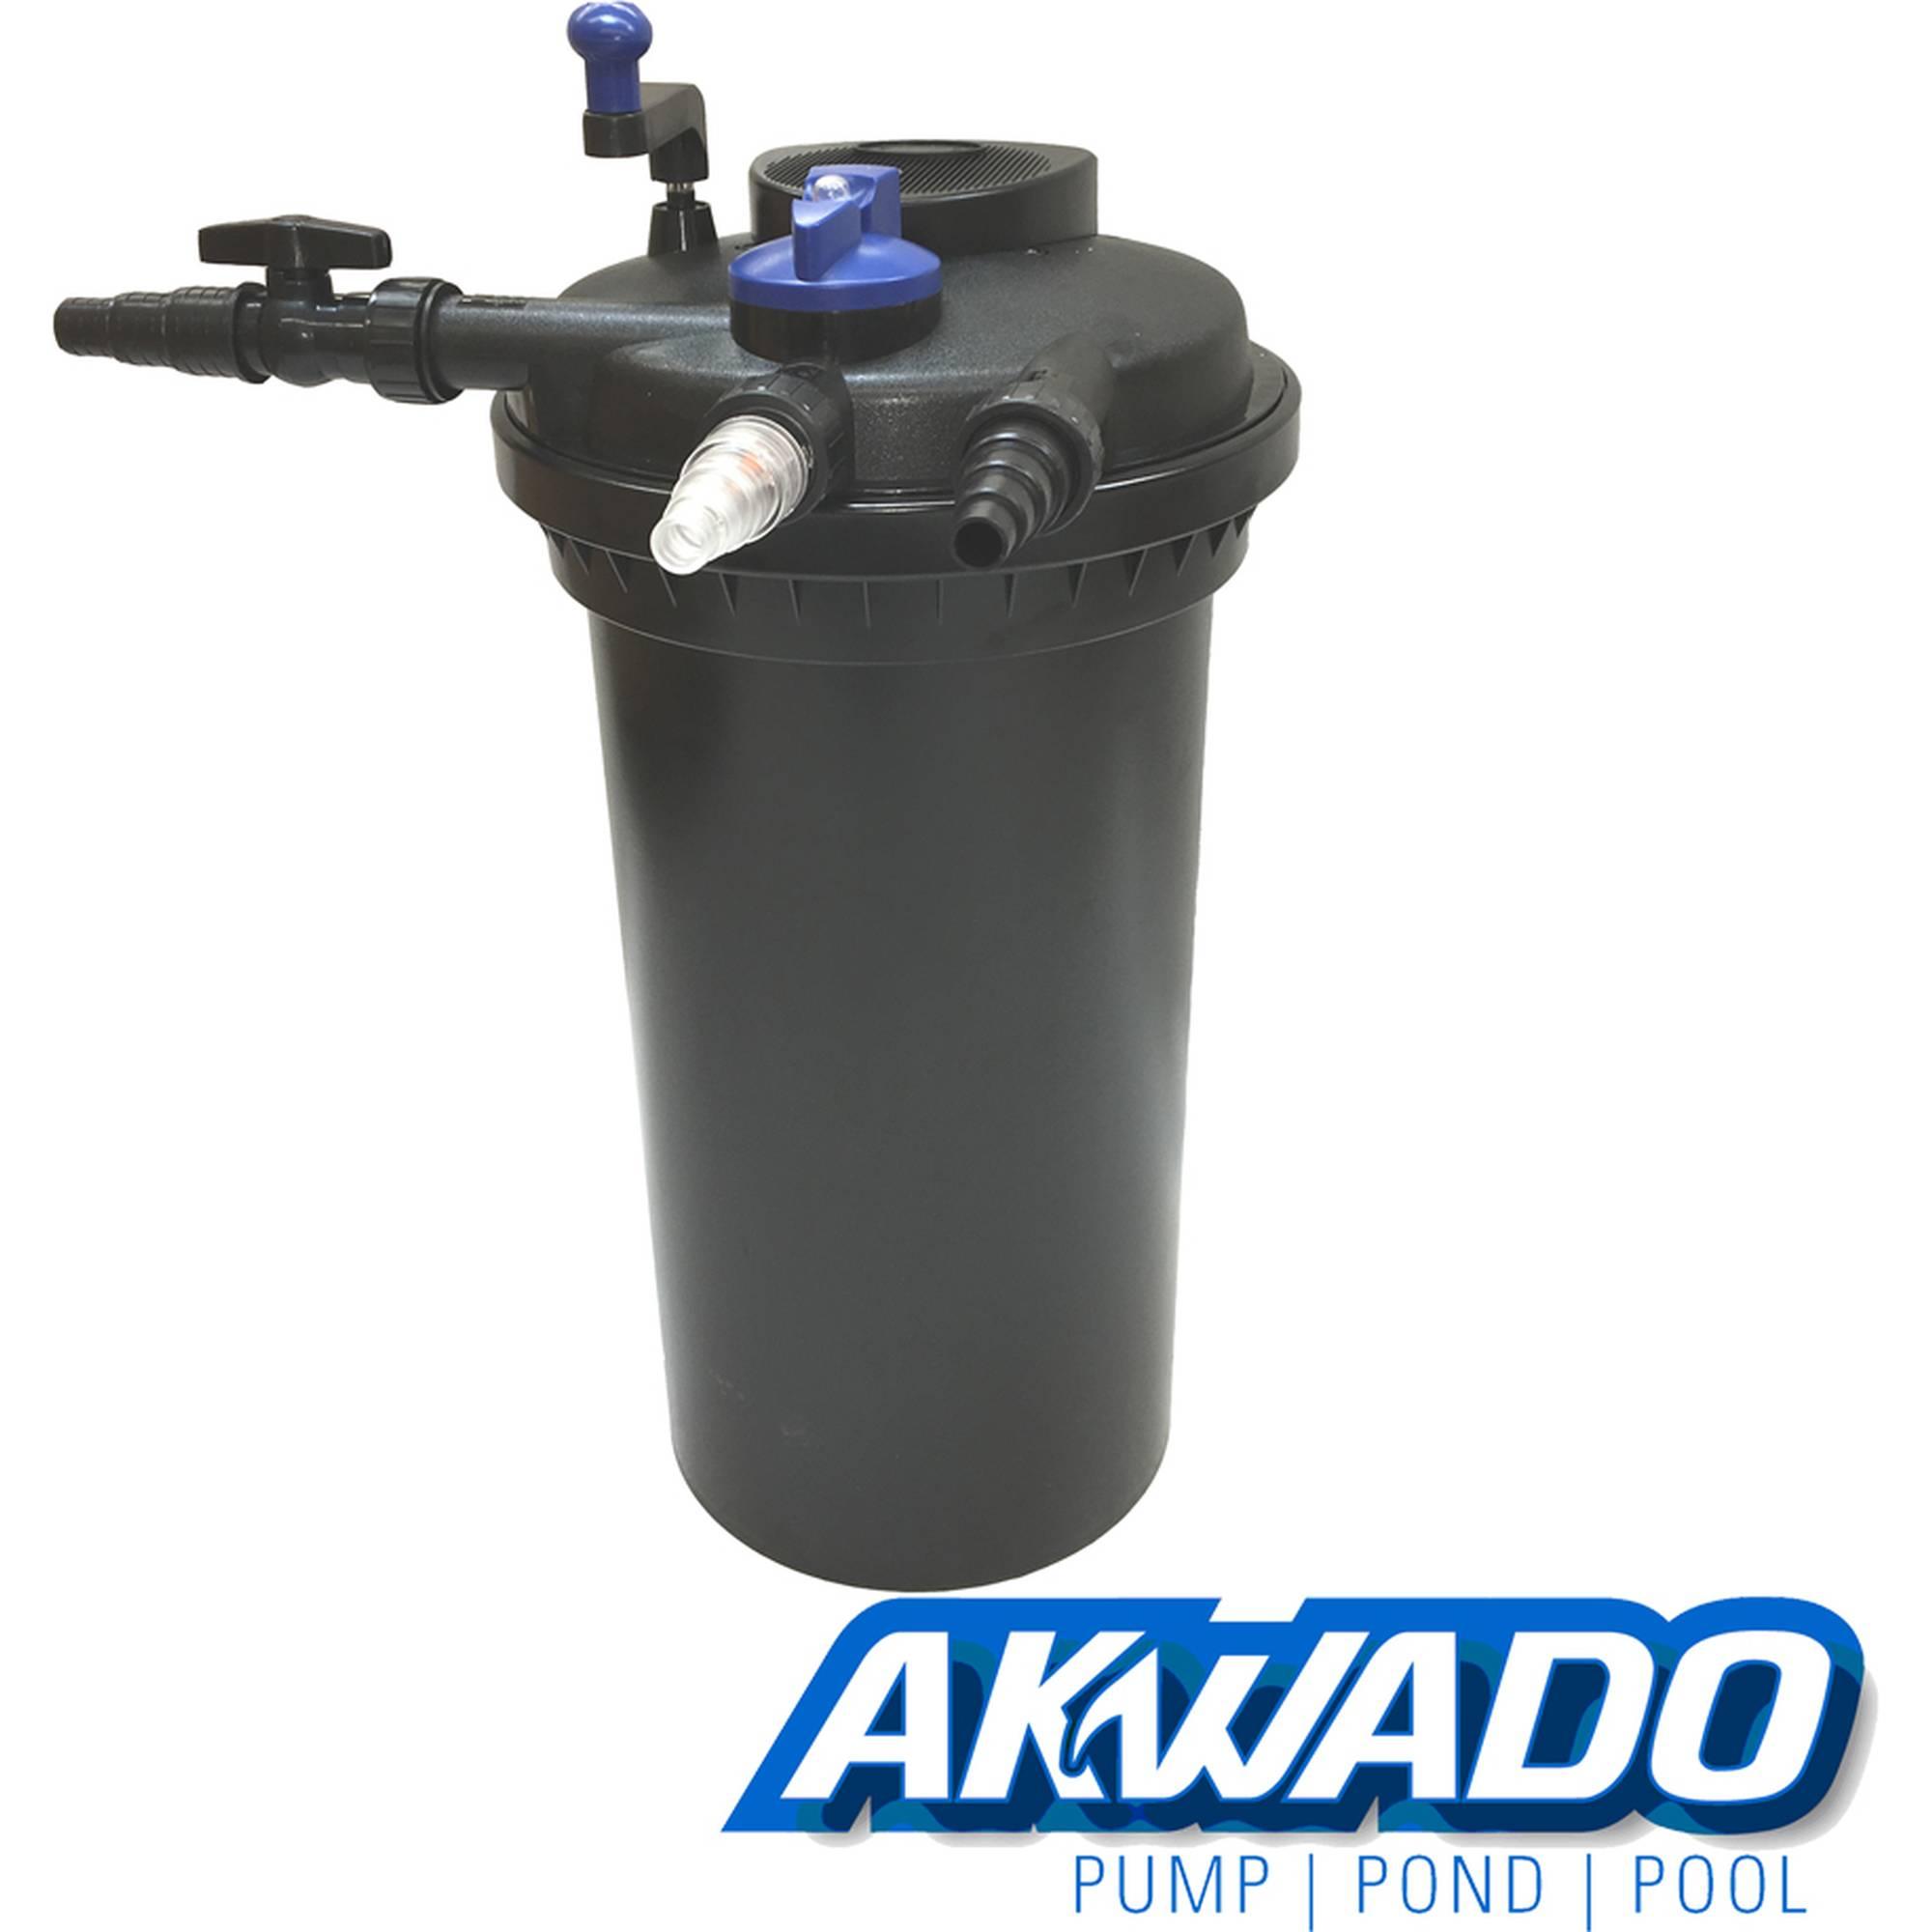 AKWADO Druckfilter CPF-15000 inkl. 18 Watt UVC Klärer für Teich Koi usw.